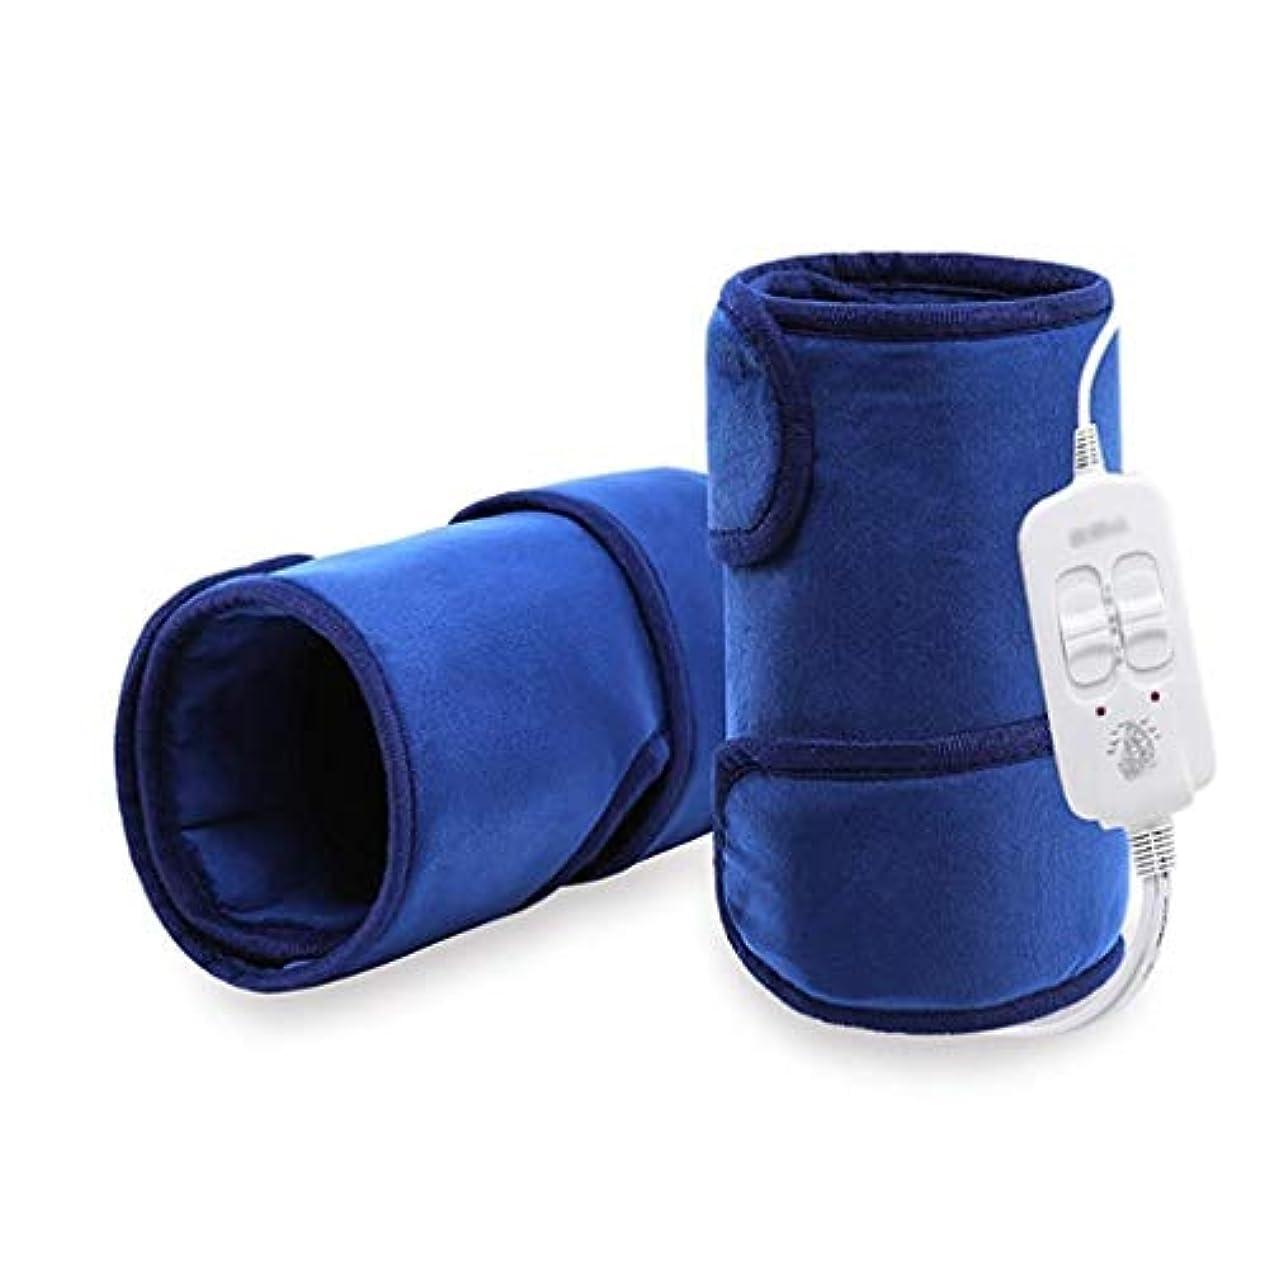 マンハッタン成功運賃レッグケアマッサージャー、加熱膝パッド、脚Pad/温かい/温湿布/遠赤外線、血液循環を促進 (Color : 青)